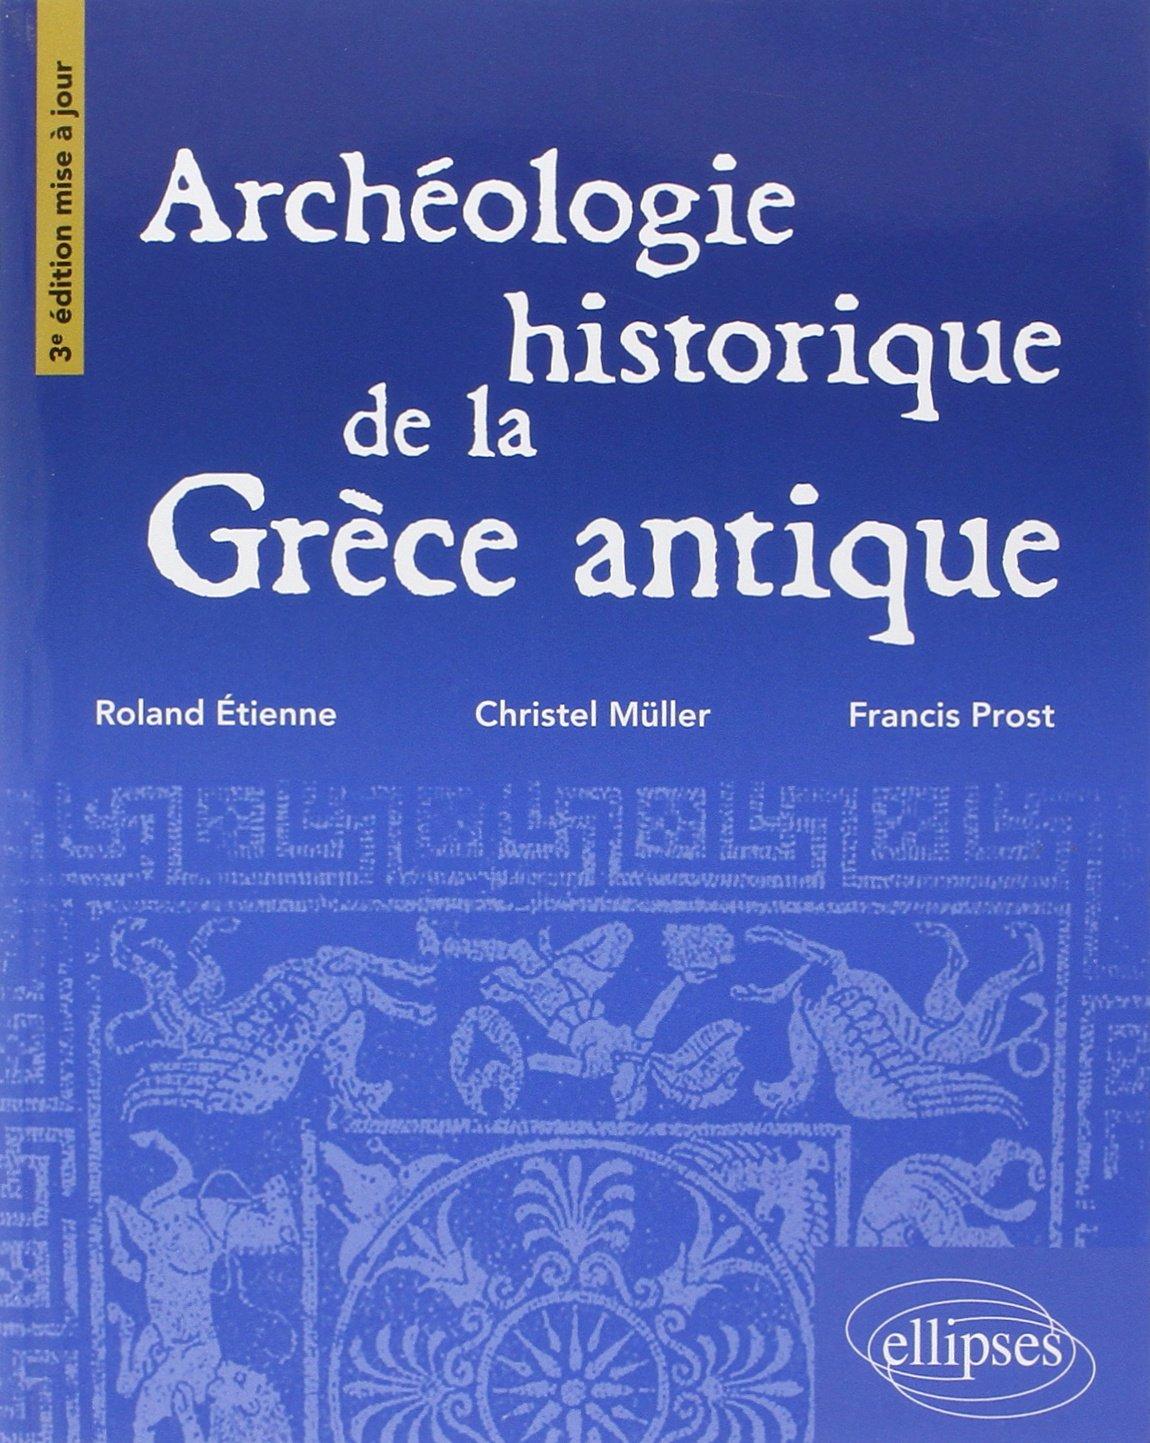 Archéologie Historique de la Grèce Antique Broché – 3 juin 2014 Roland Etienne Christel Müller Yannick Prost Ellipses Marketing